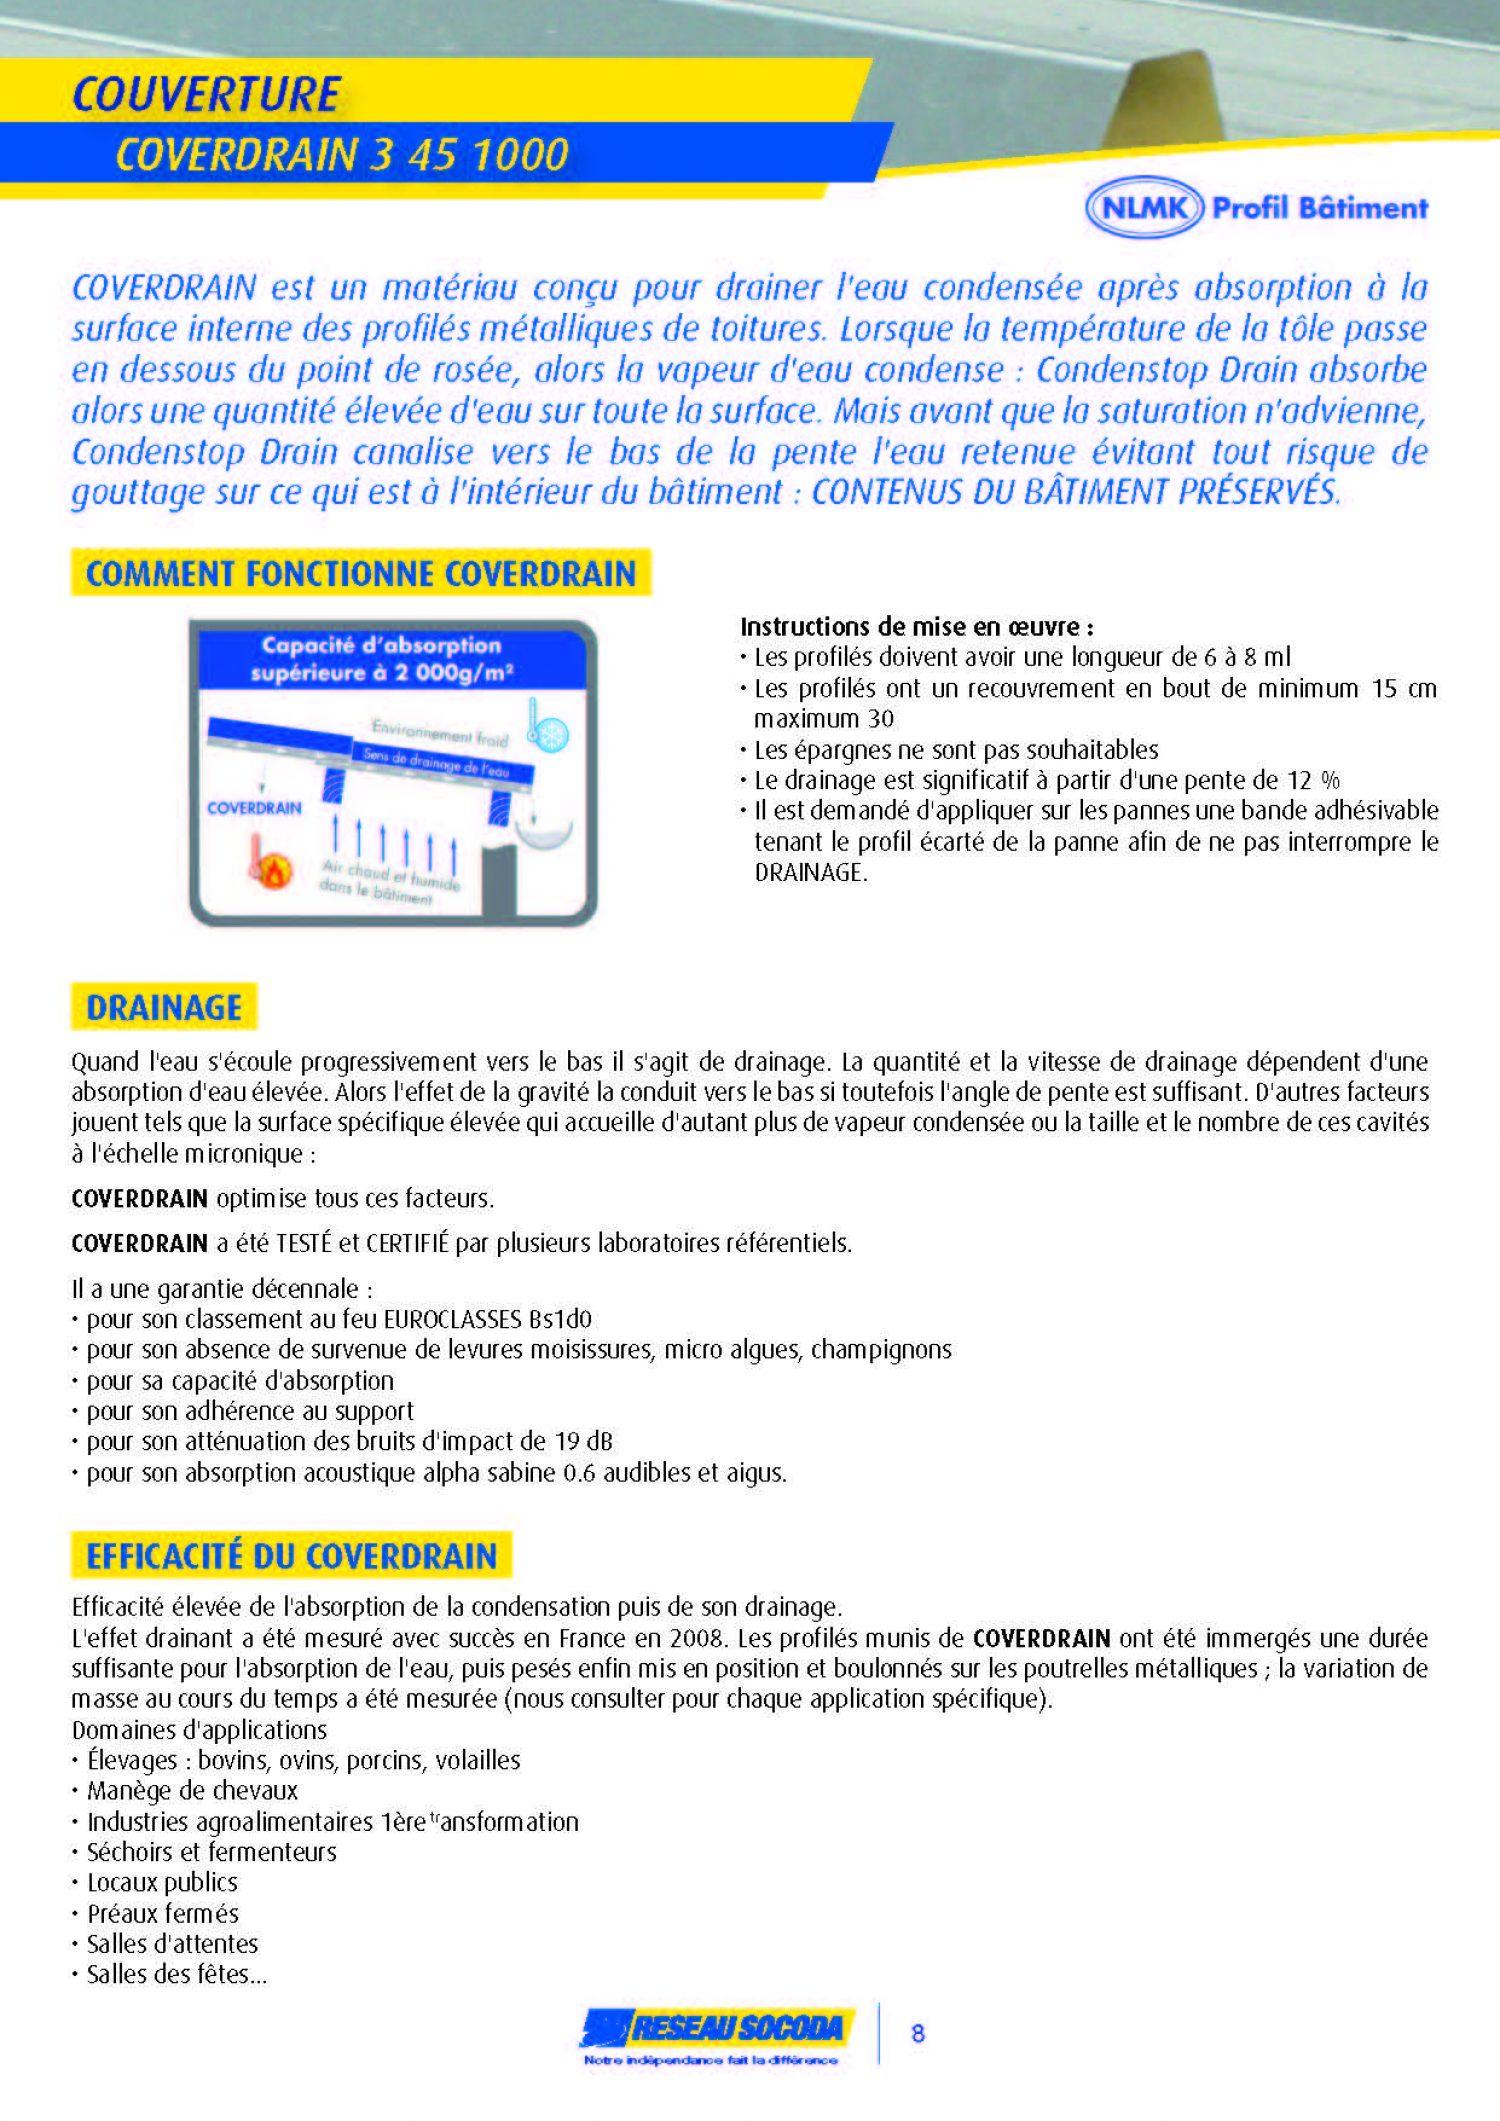 GERMOND_2014 PROFIL BATIMENT_20140324-184231_Page_08